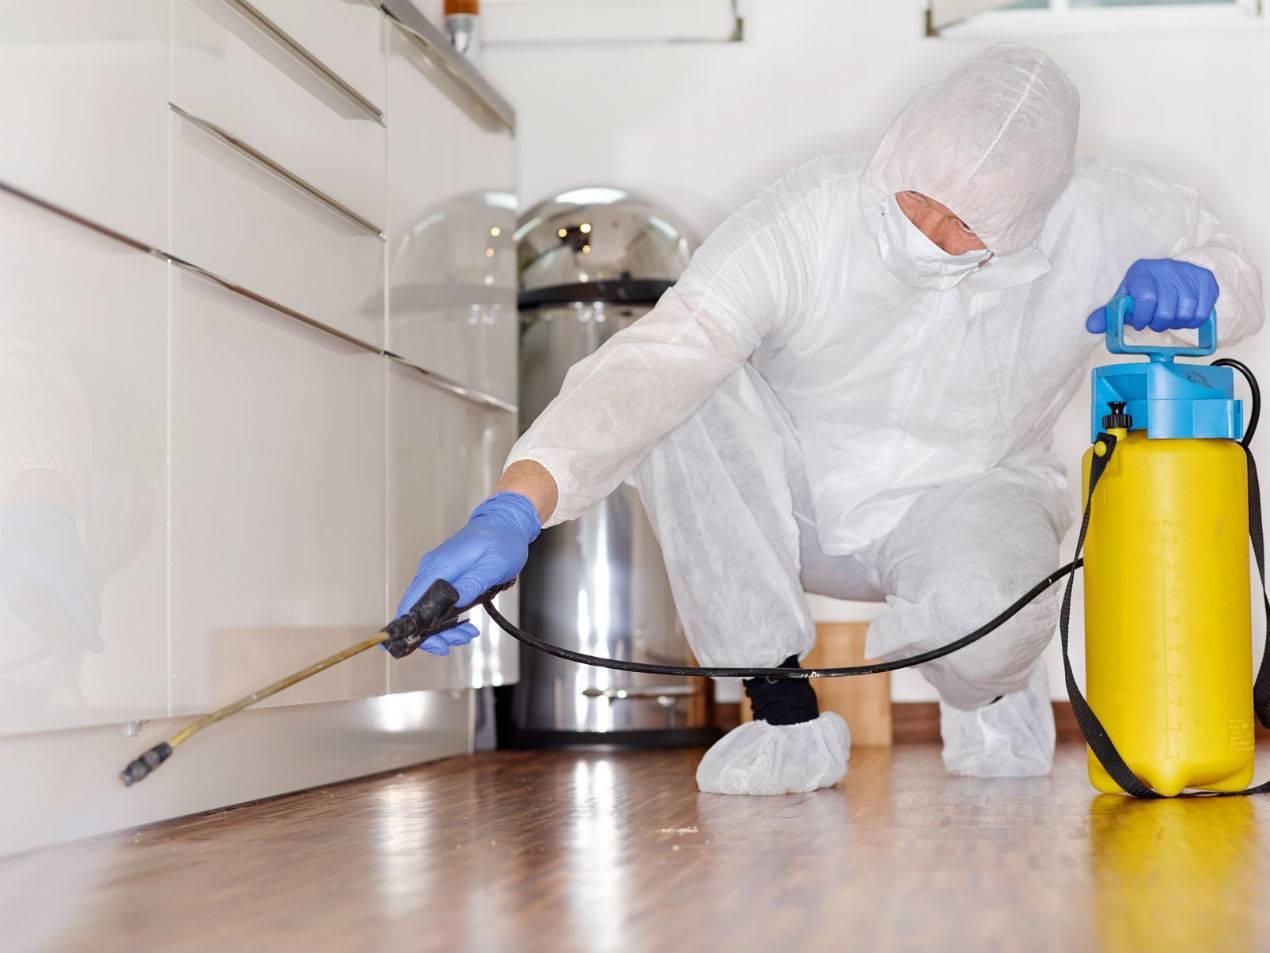 Уничтожение тараканов: дезинфекция и дезинсекция службами, чем травят